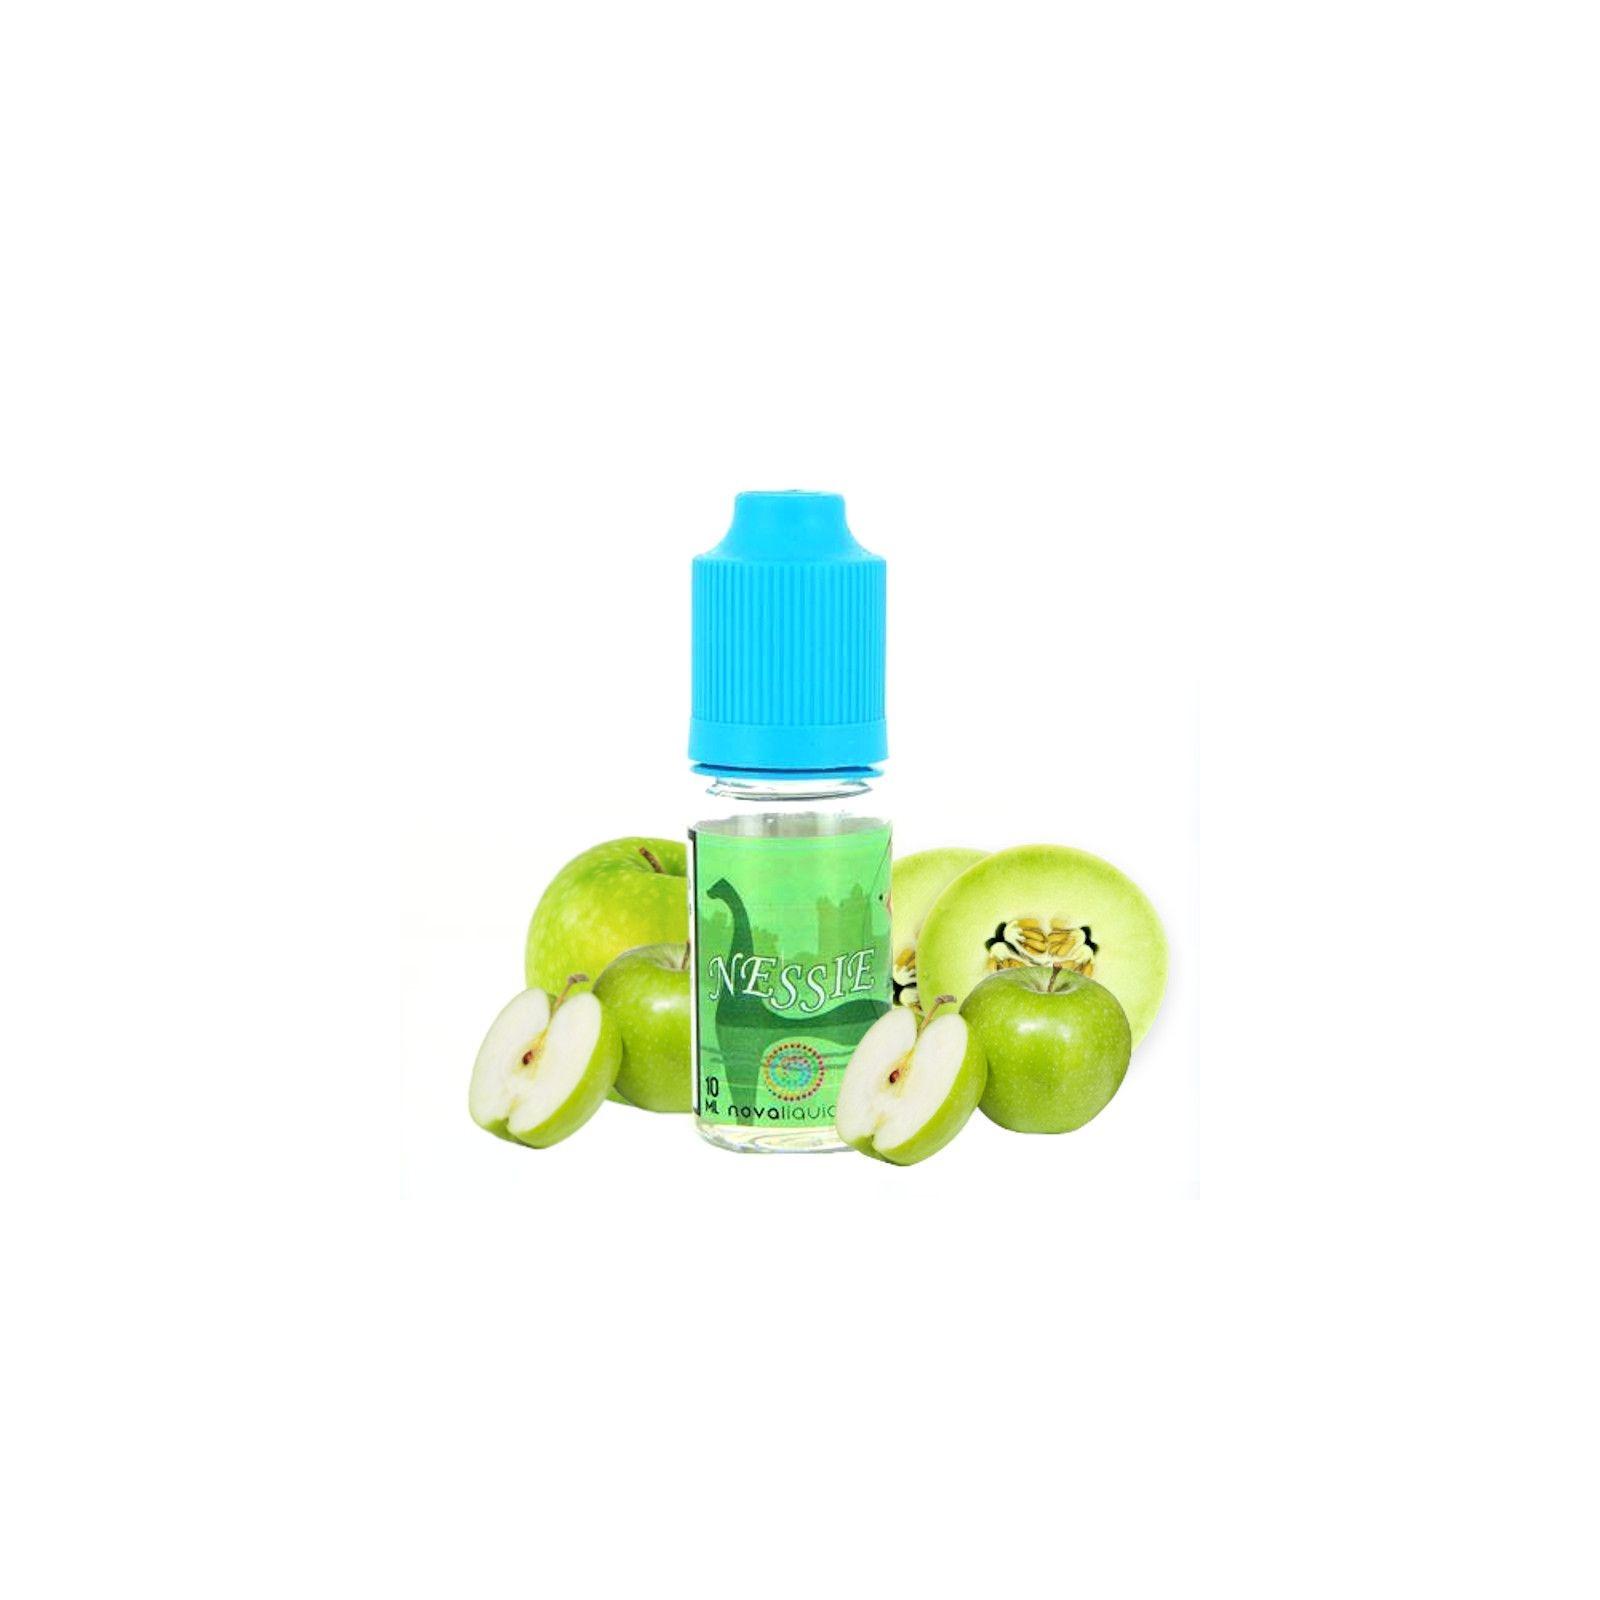 Nessie 10 ml - Nova Liquides